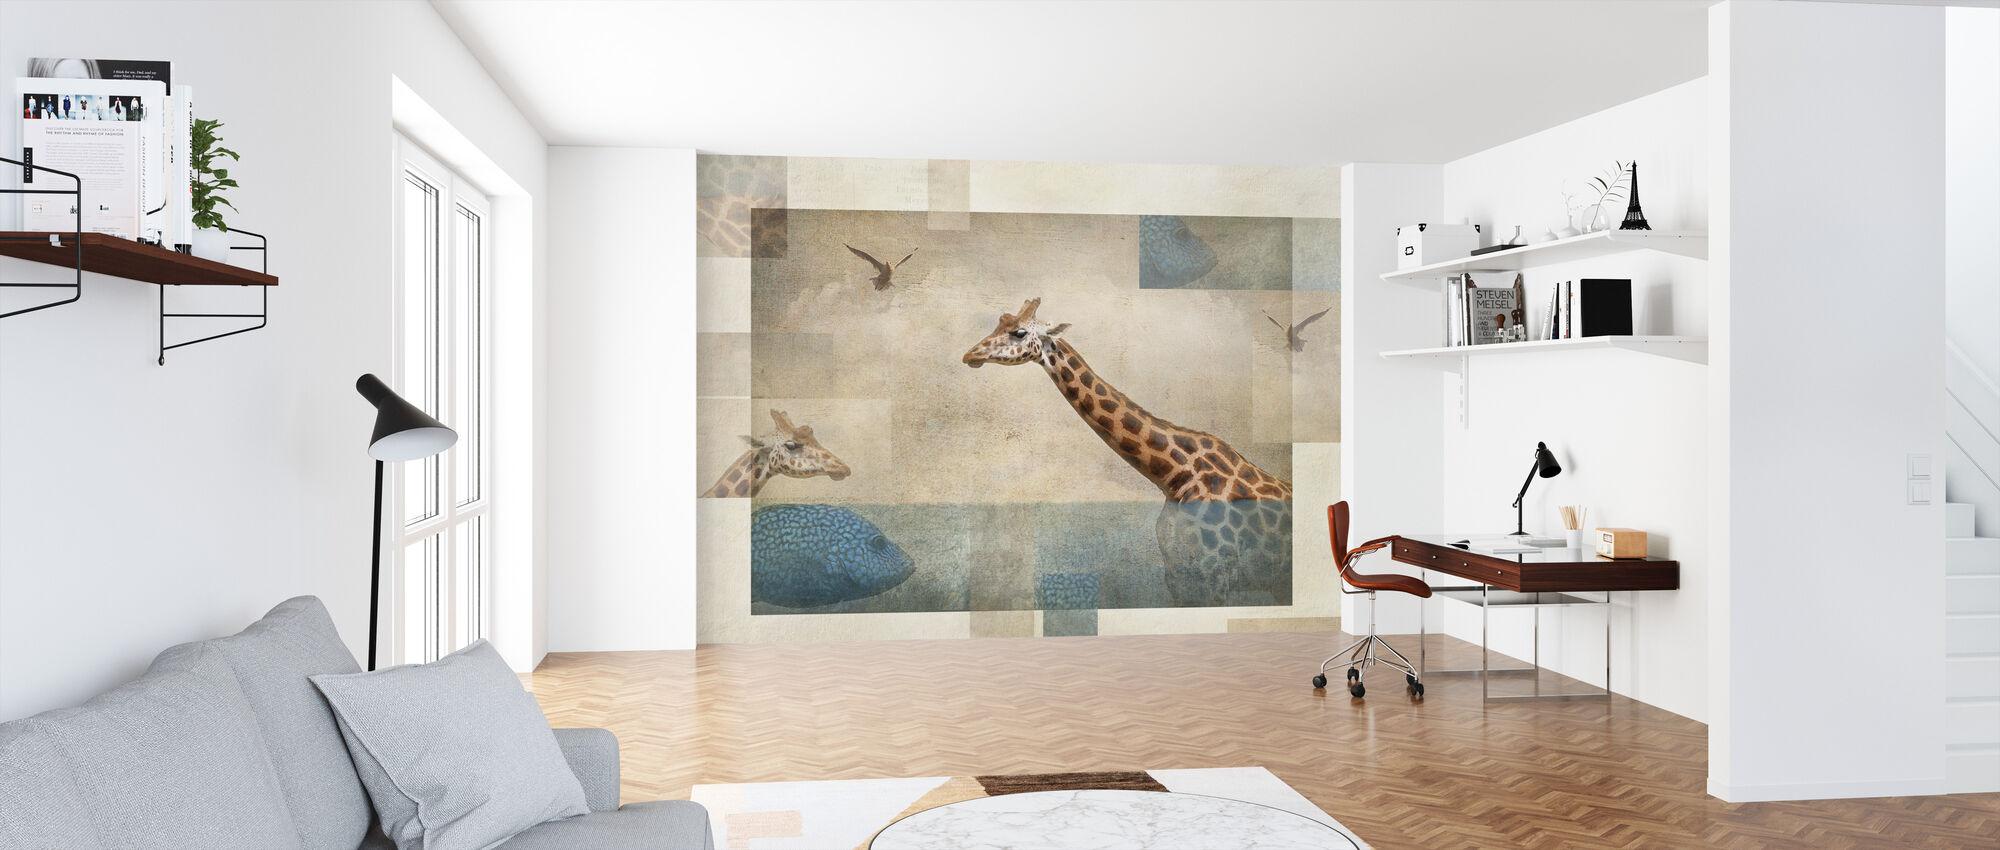 Fantasy - Wallpaper - Office